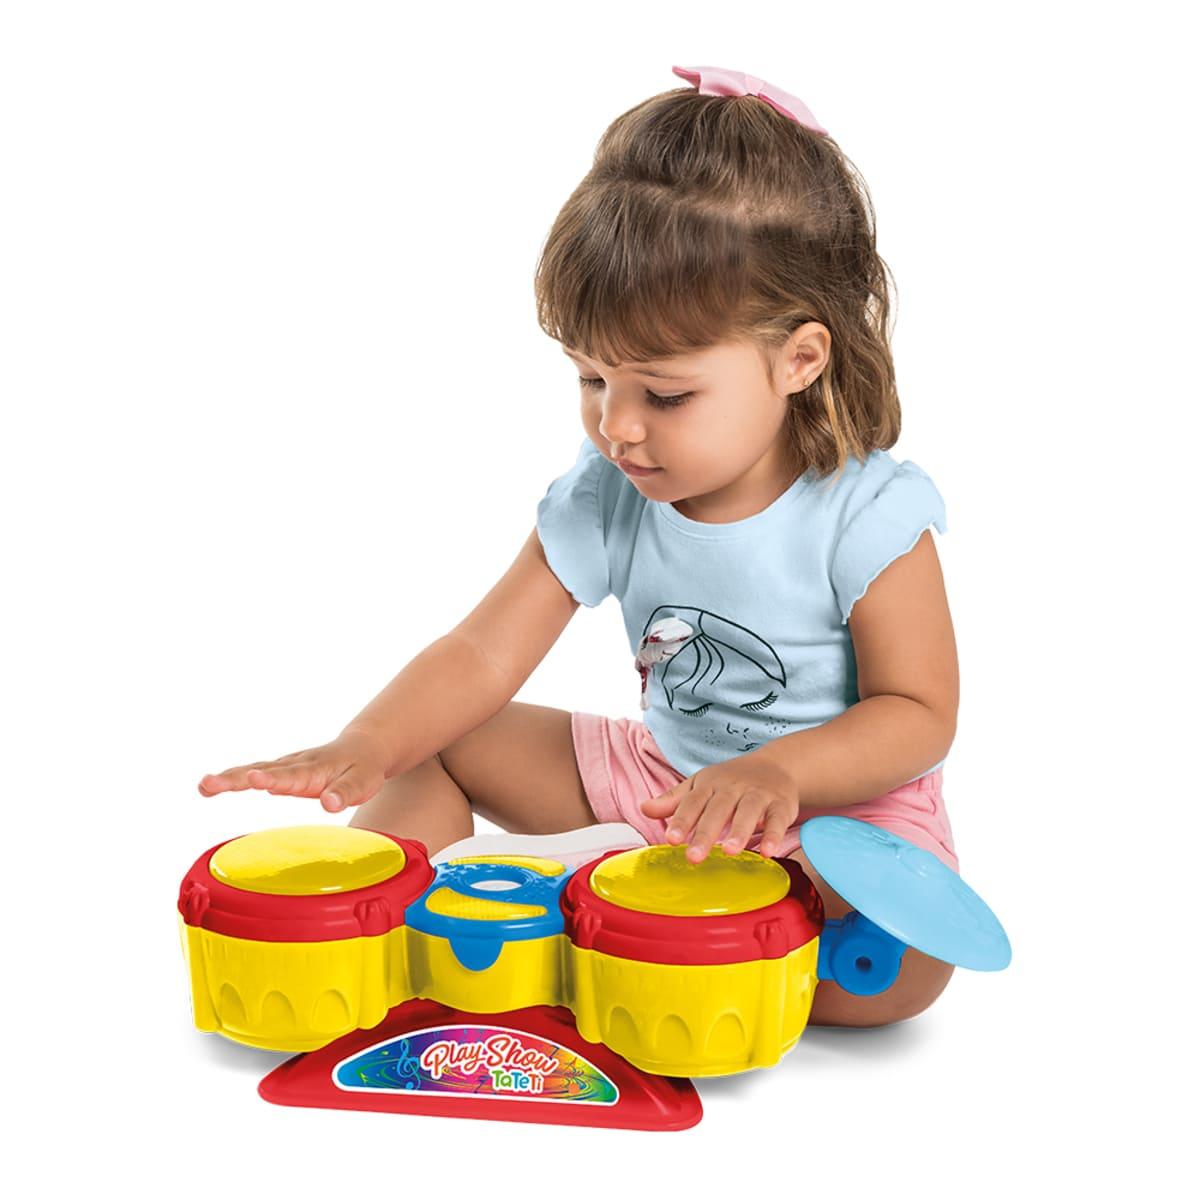 Brinquedo Infantil Play Show Musical Com Luz E Som - Tateti